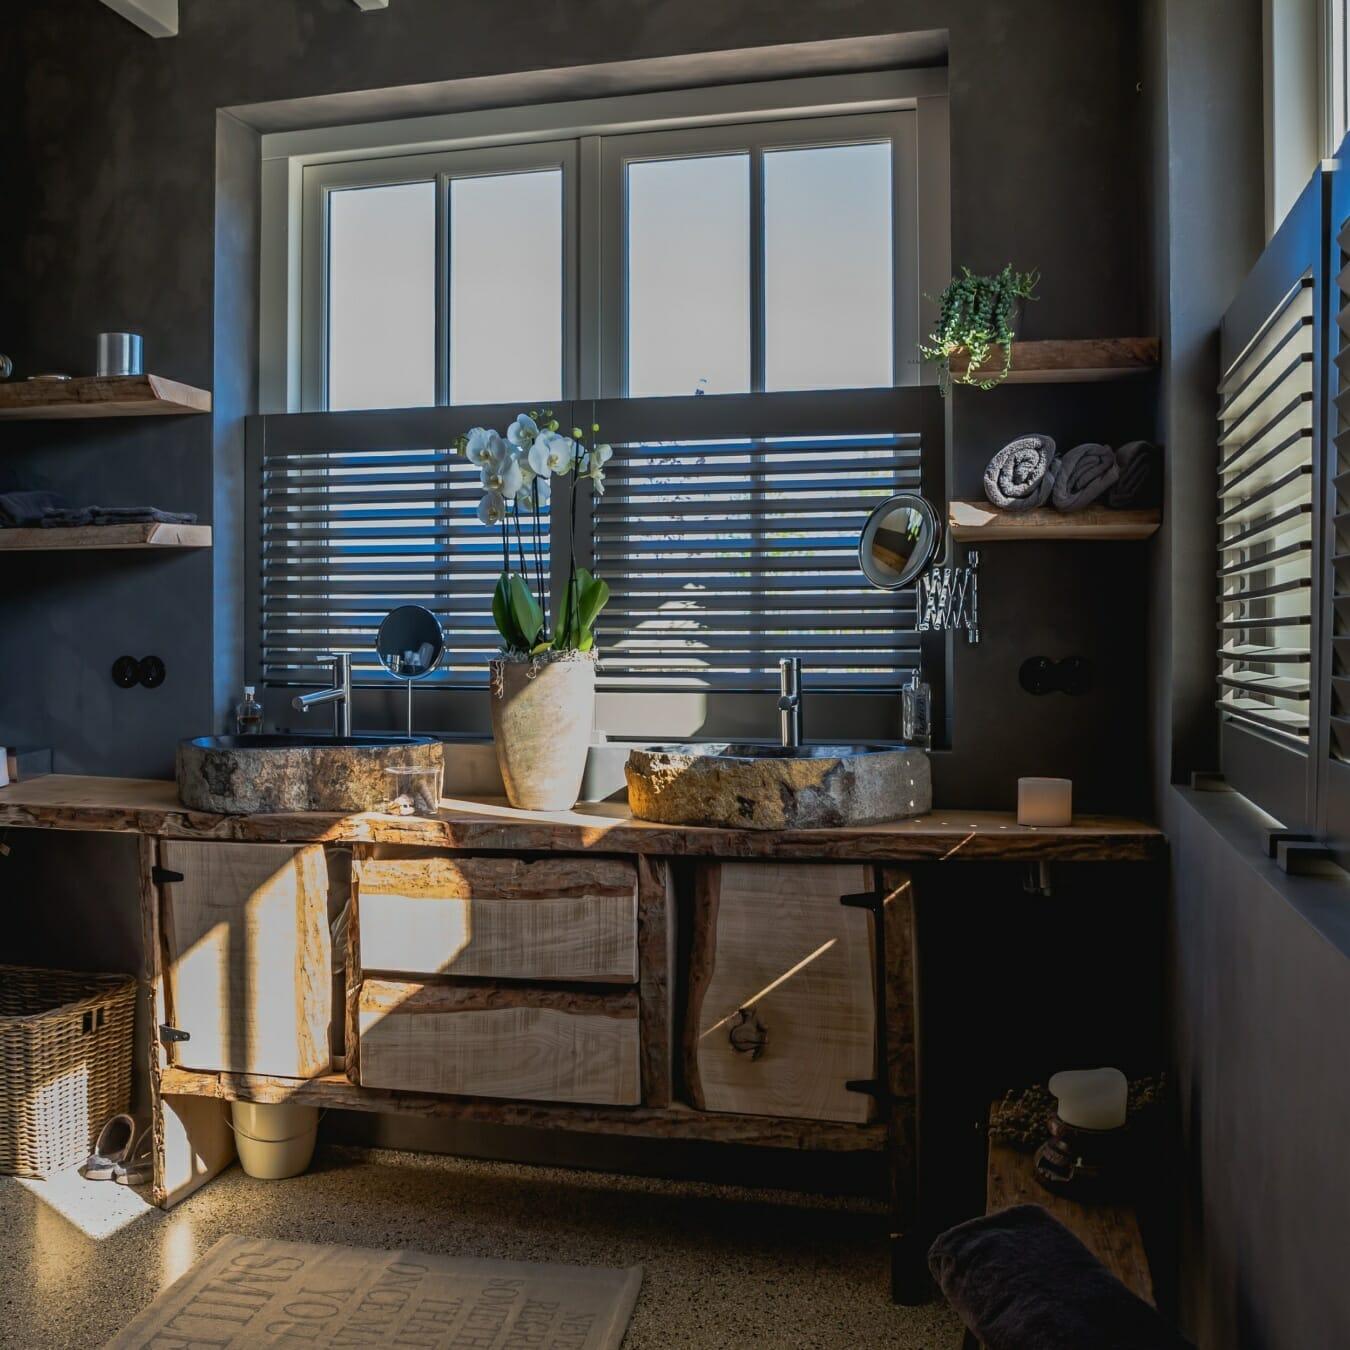 Piet Boon shutters by Zonnelux in badkamer